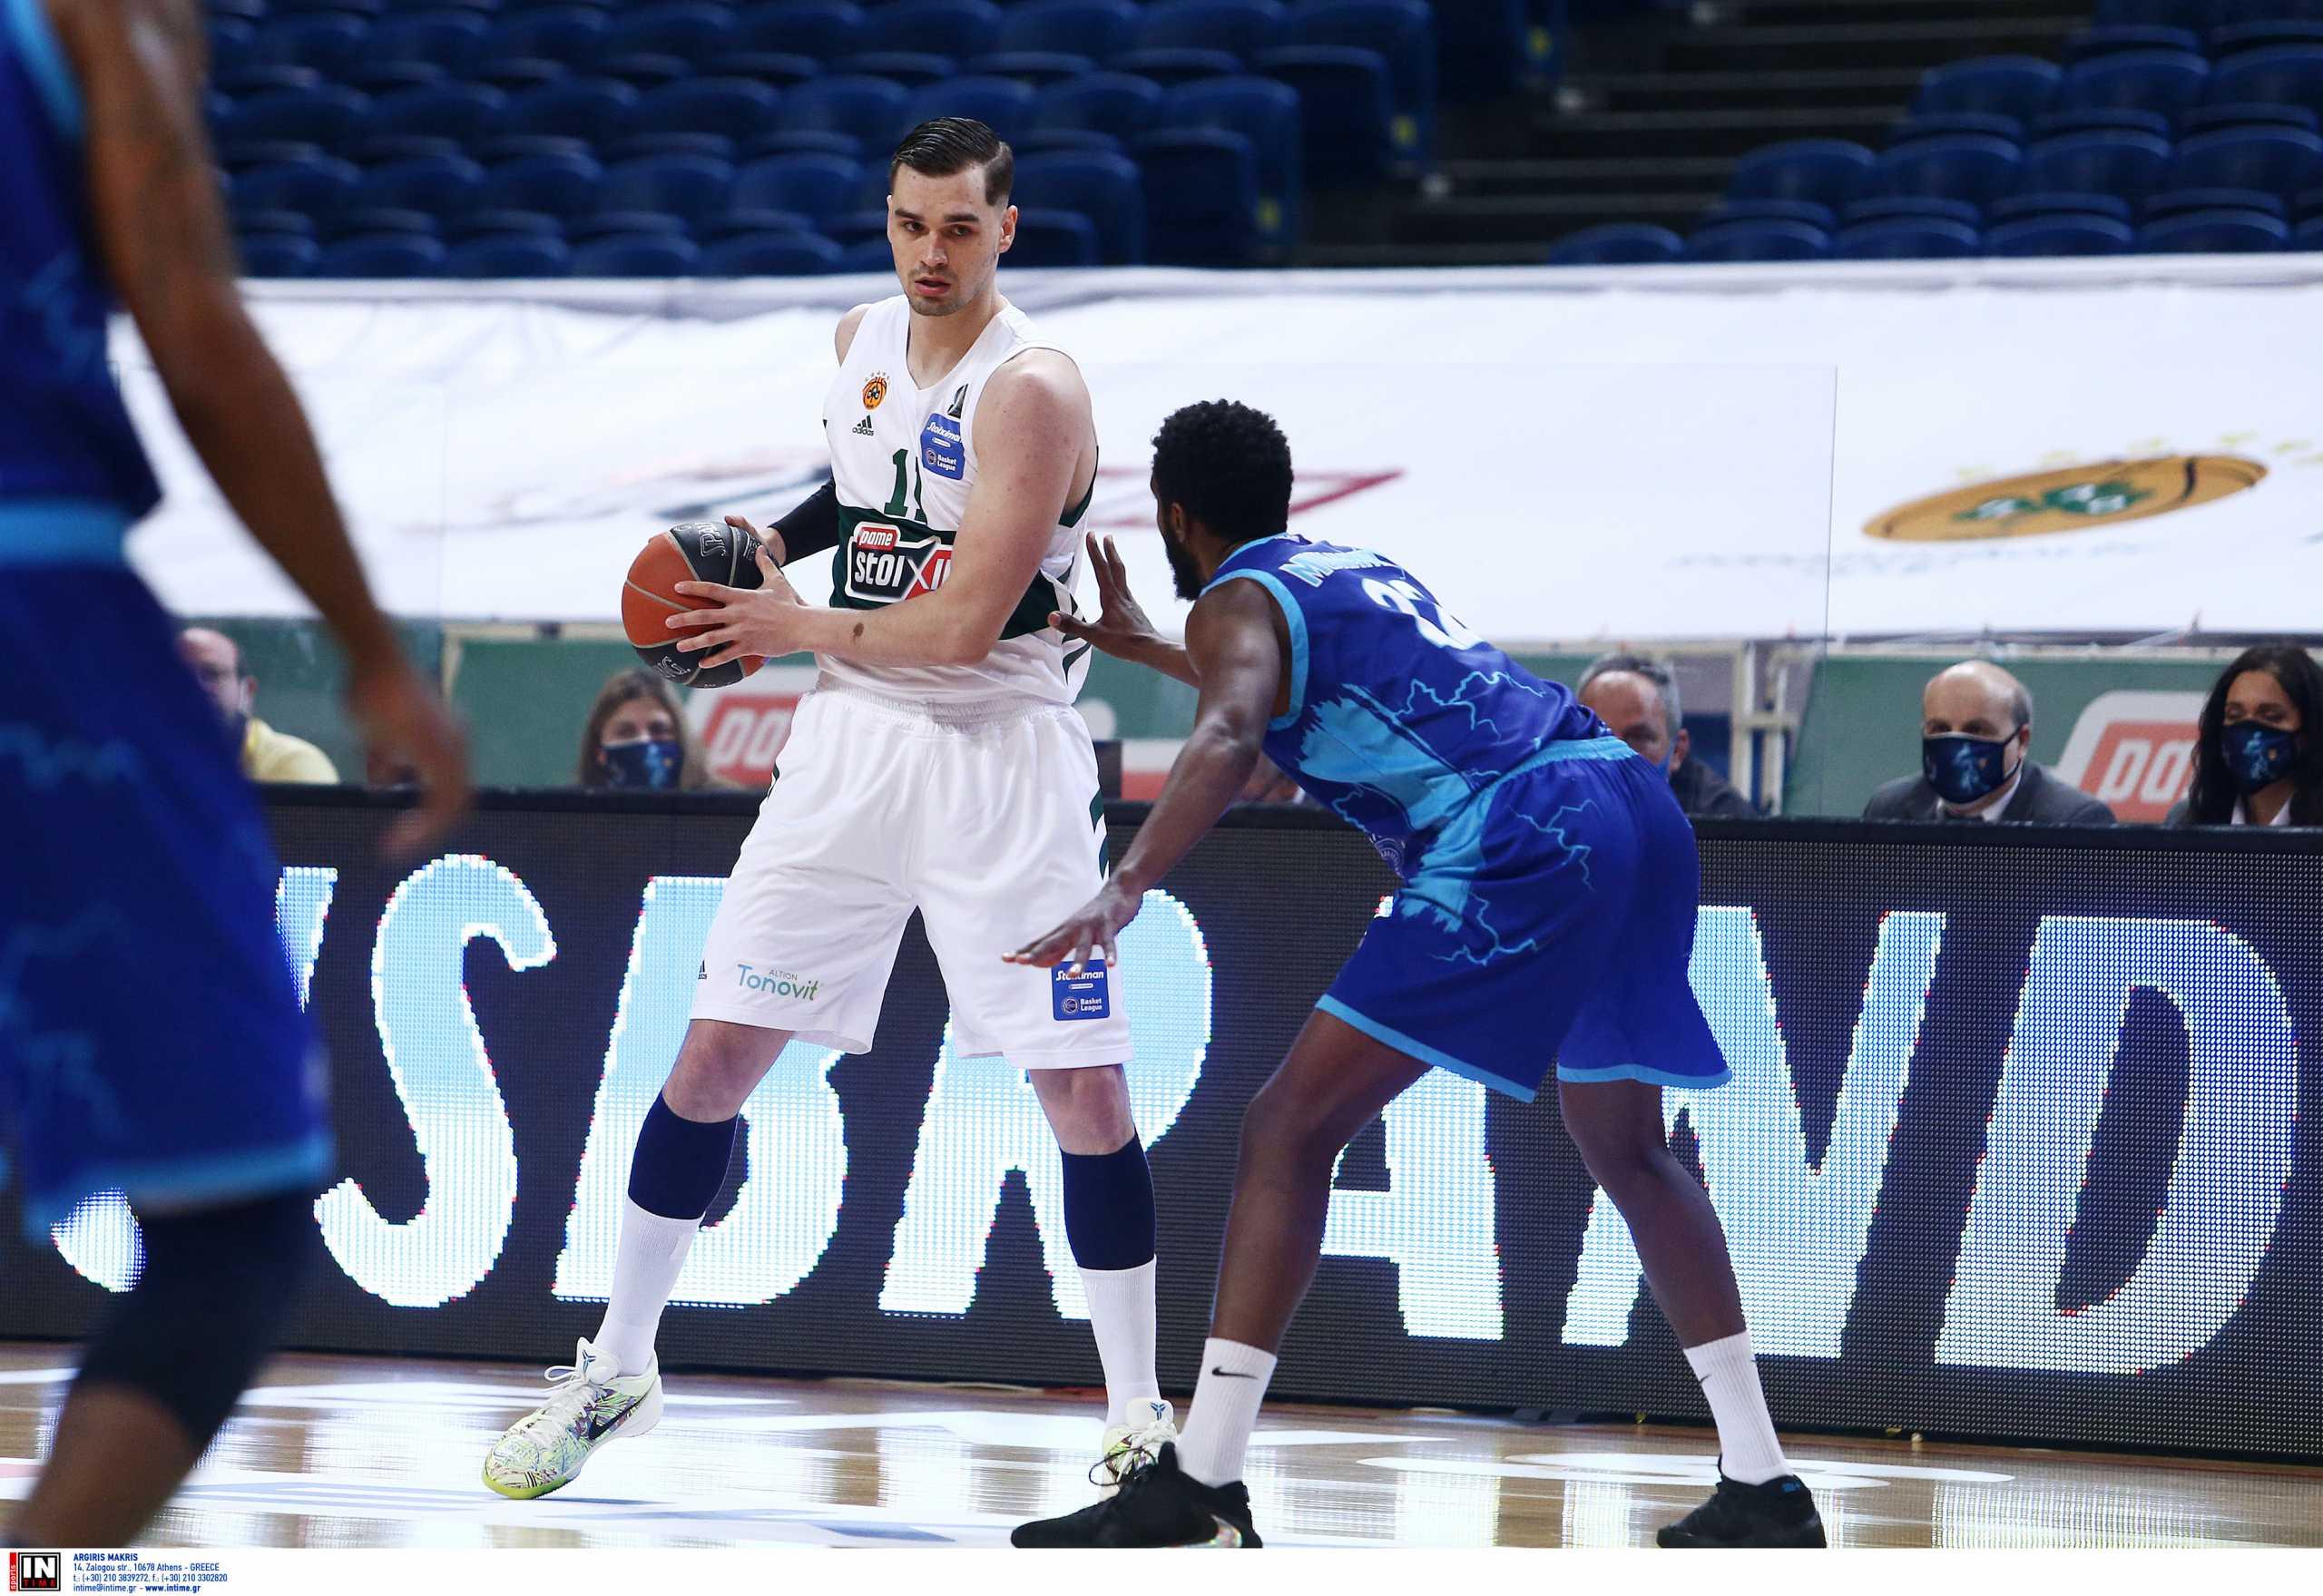 Παναθηναϊκός: Έτσι άνοιξε «λογαριασμό» στην Basket League ο Χεζόνια (video)